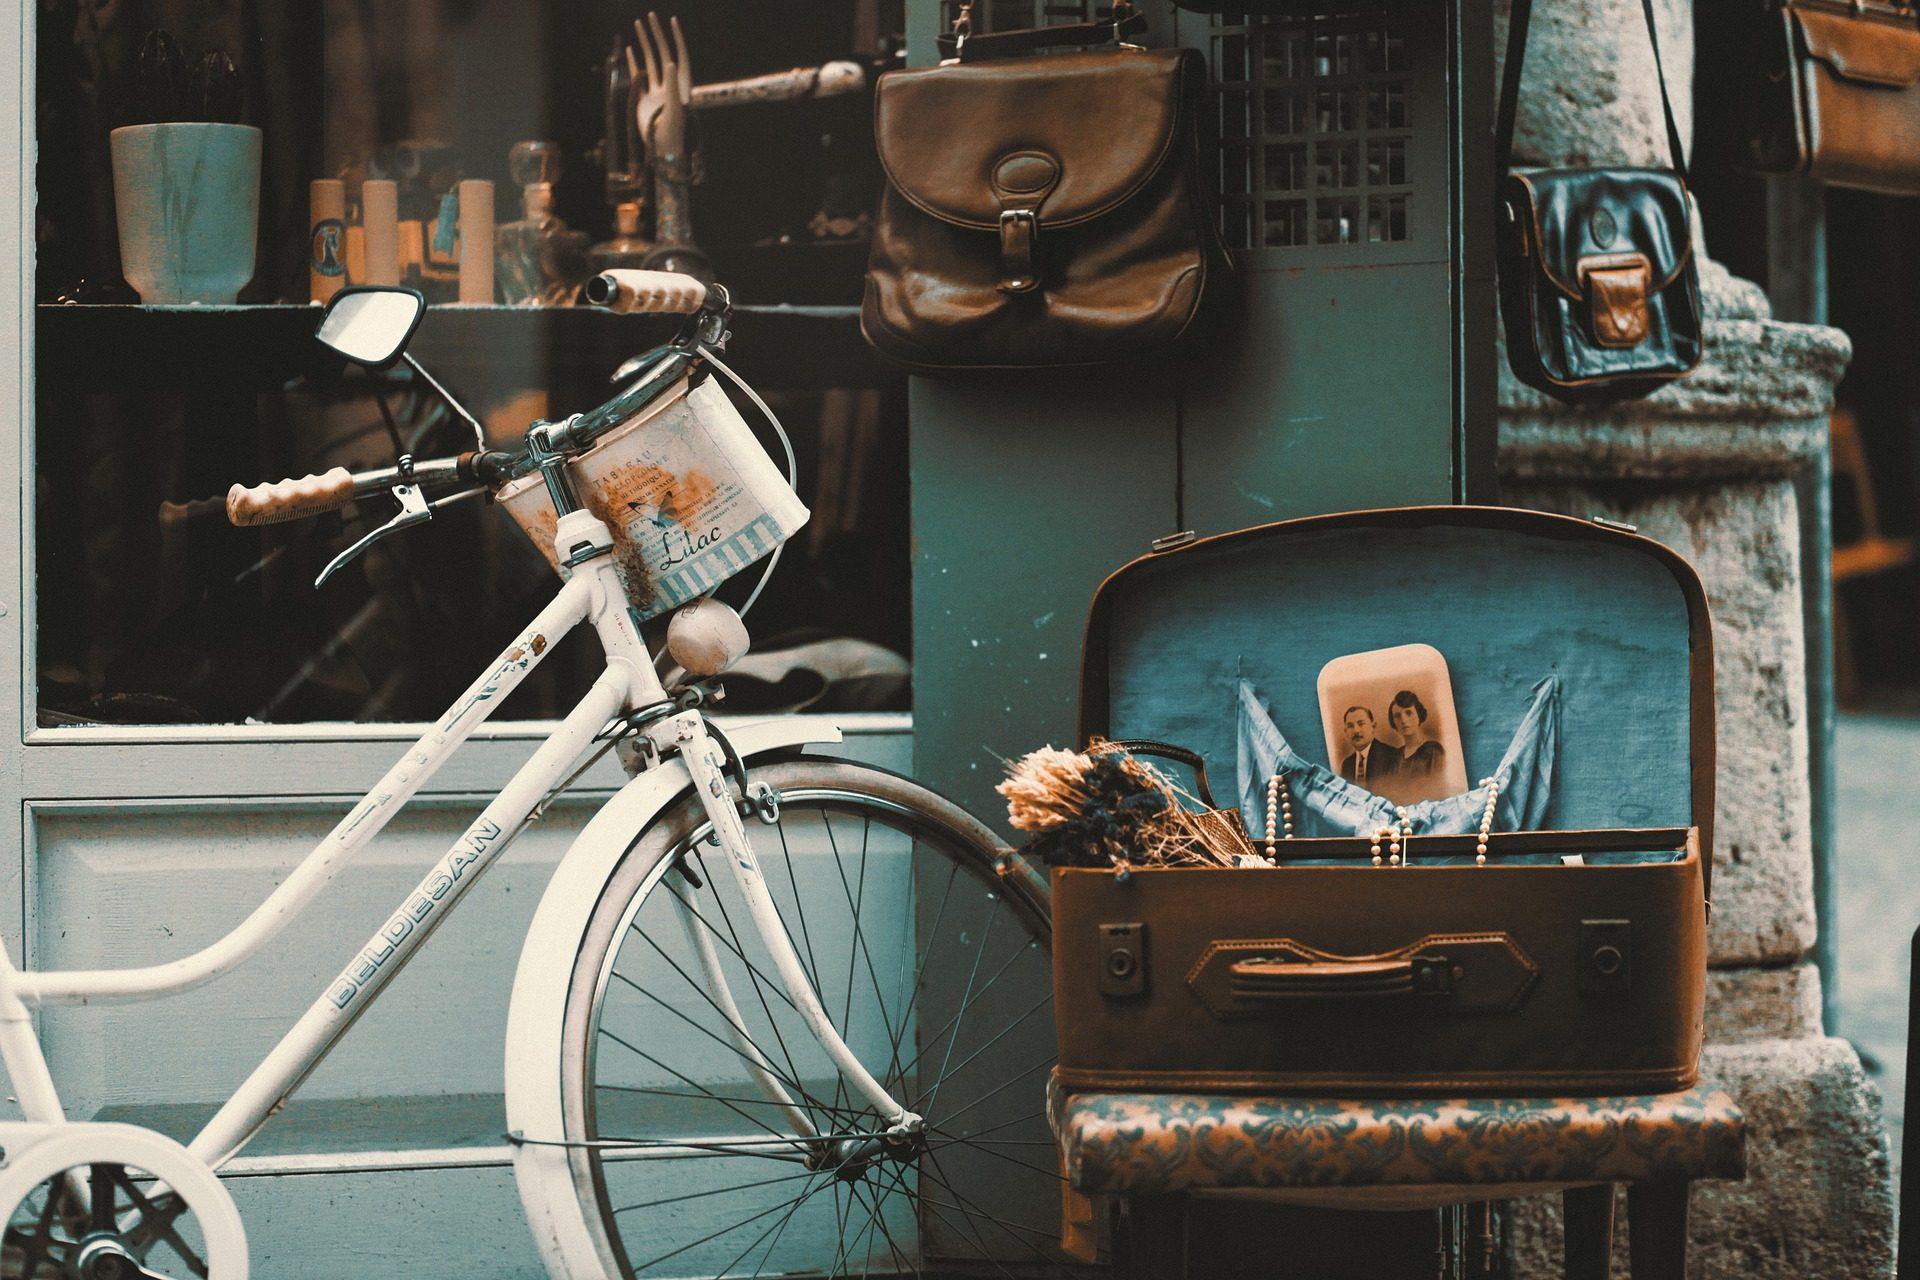 الدراجة, maleta, متجرحقيبةso, خمر, الرجعية, اسطنبول - خلفيات عالية الدقة - أستاذ falken.com